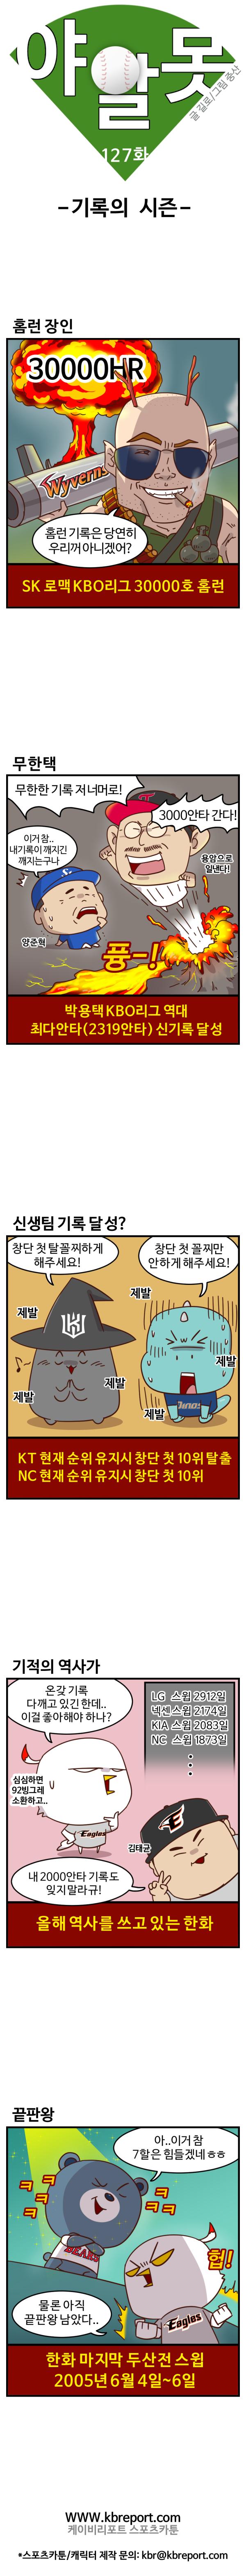 [프로야구 카툰] 야알못 127화: 2018년은 기록의 시즌